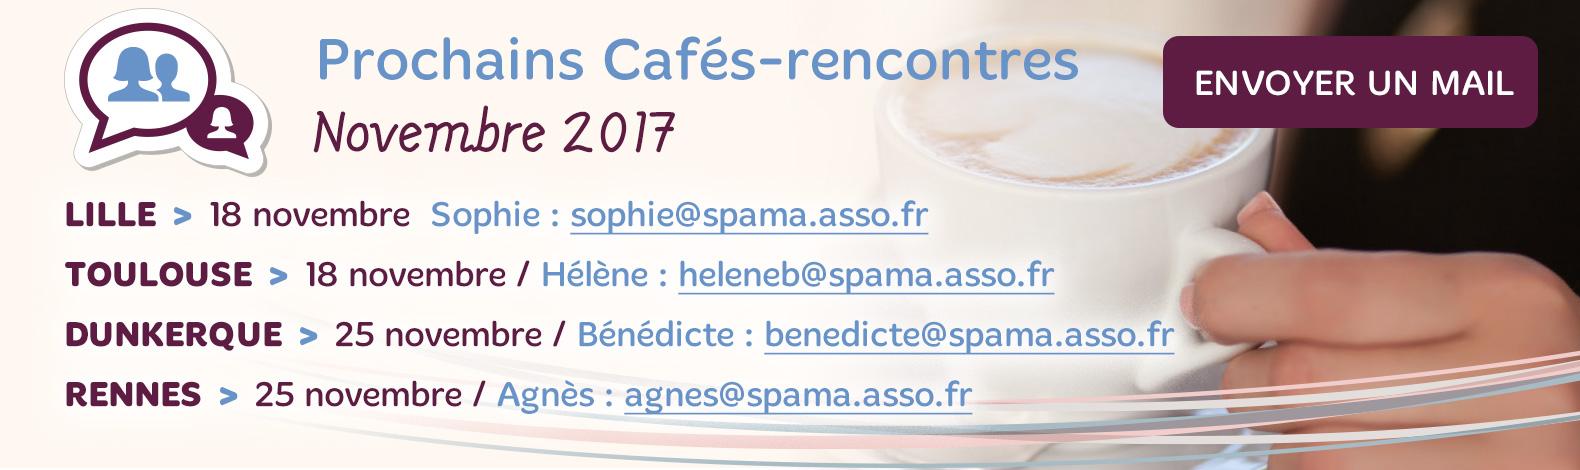 Les Cafés-Rencontres de novembre 2017